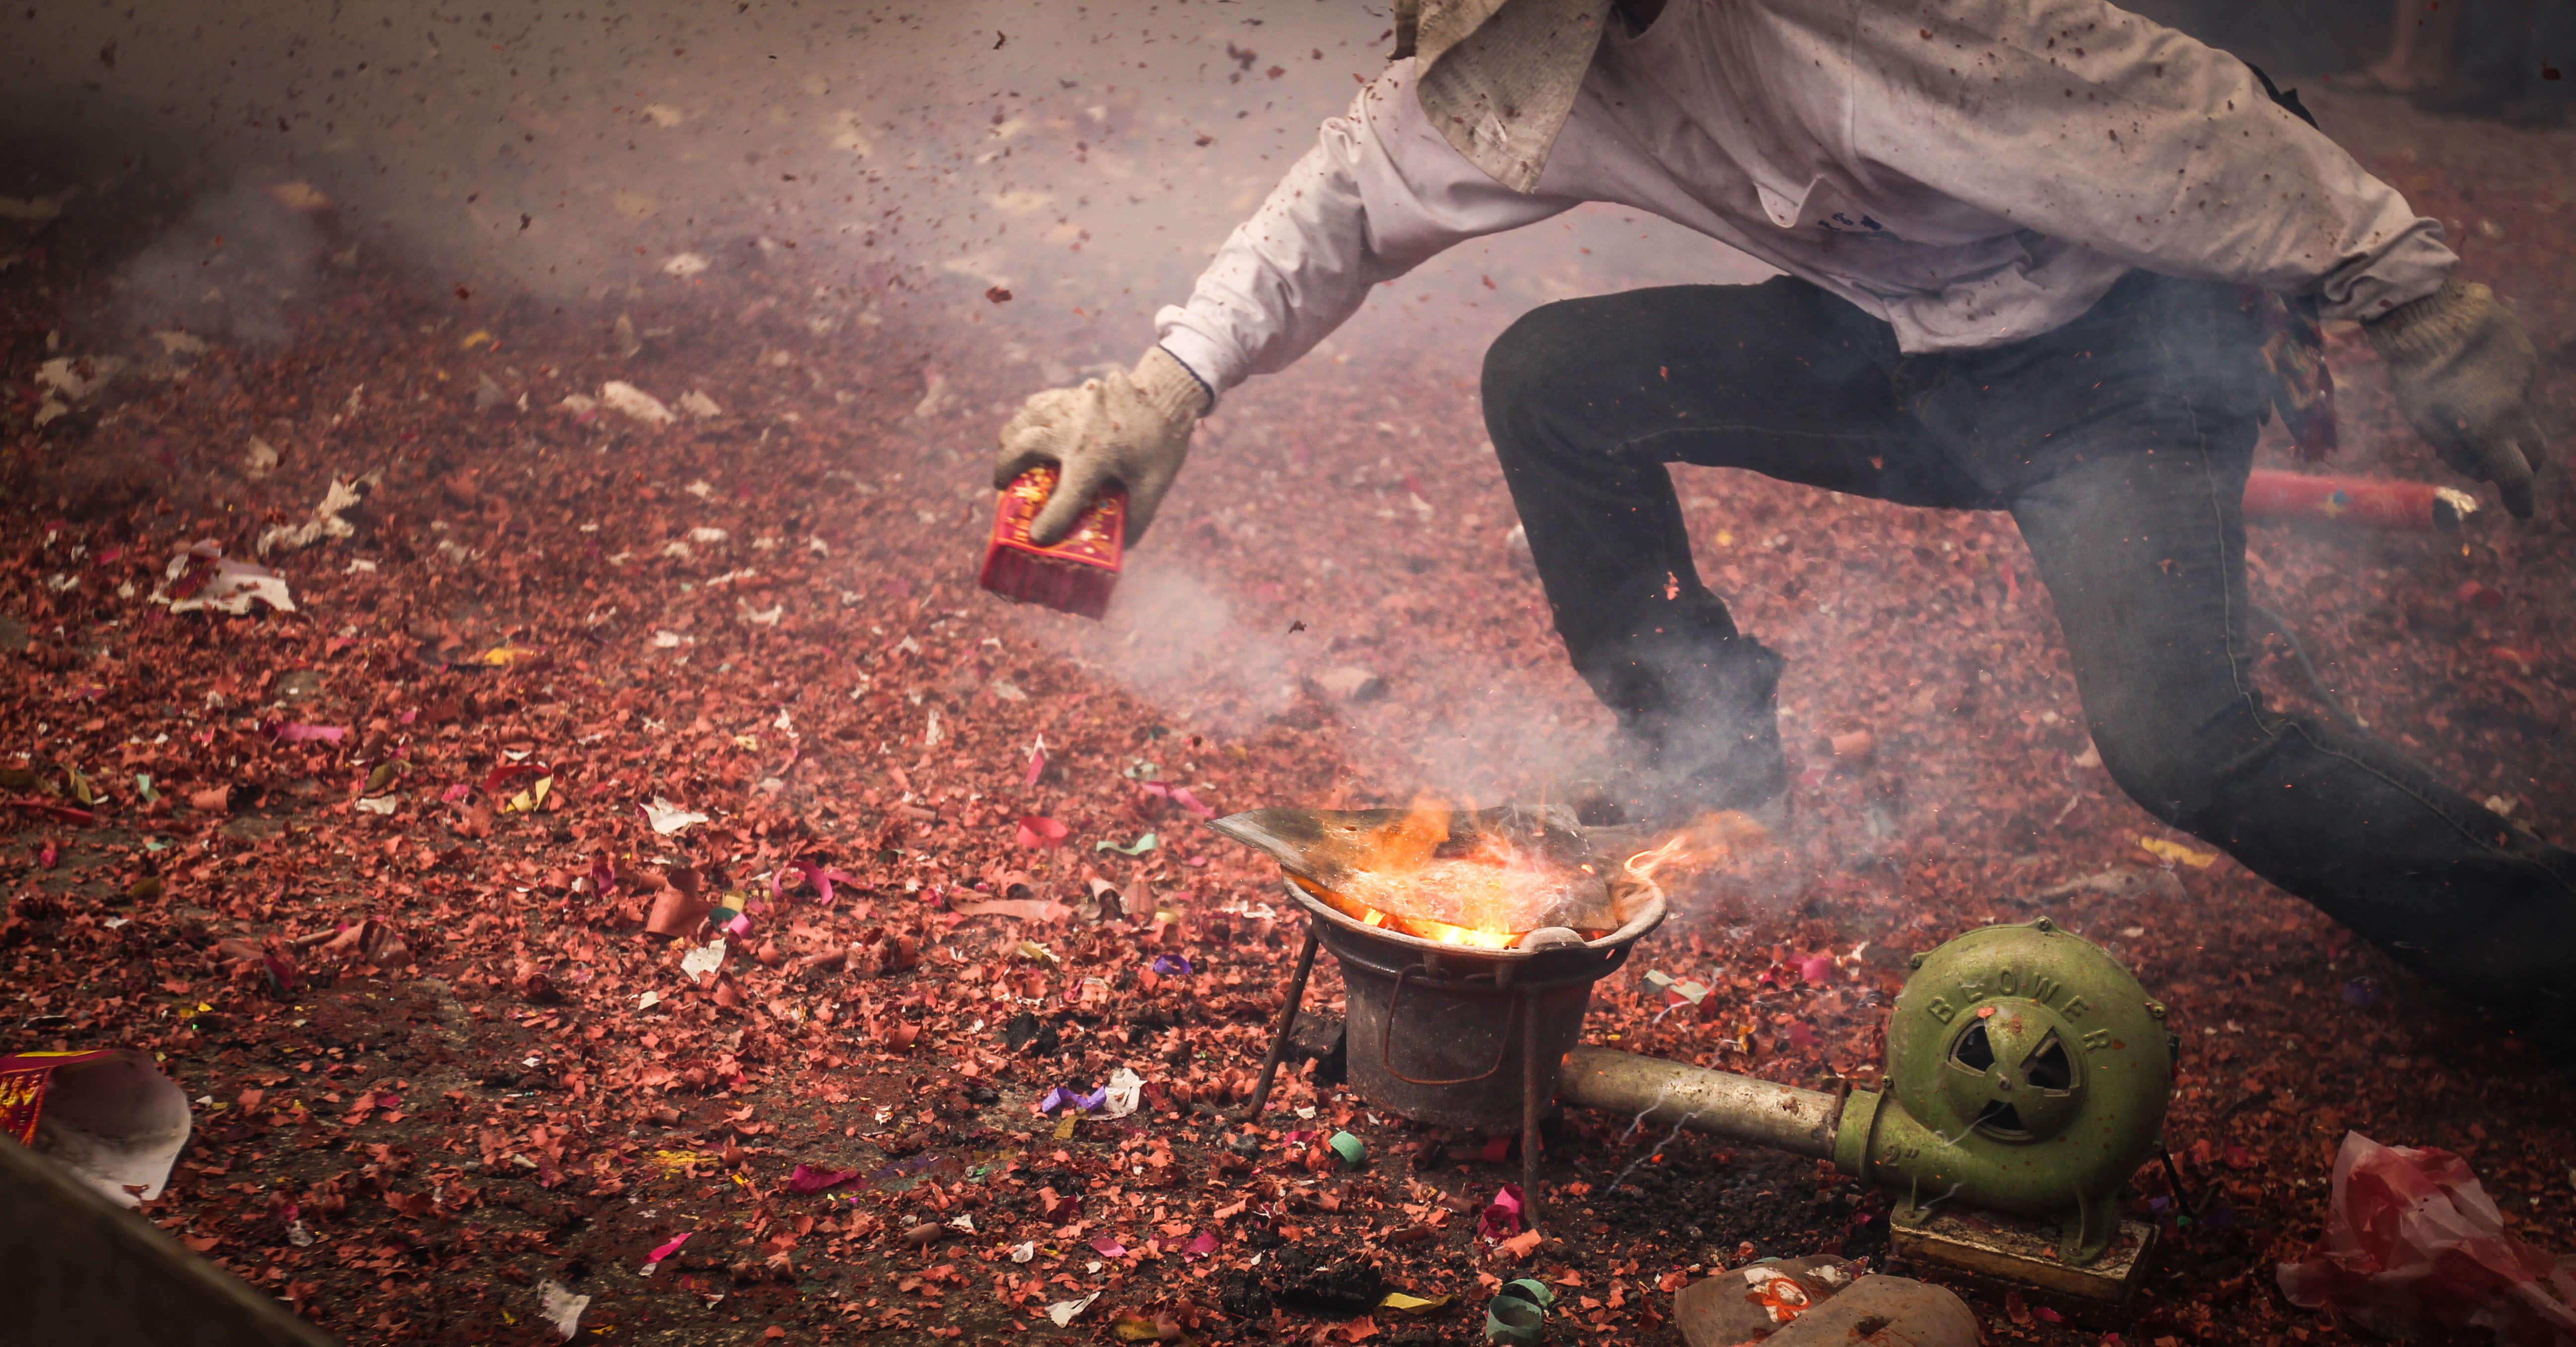 火爐中的木炭將犁頭生燒紅(吳政賢 攝)